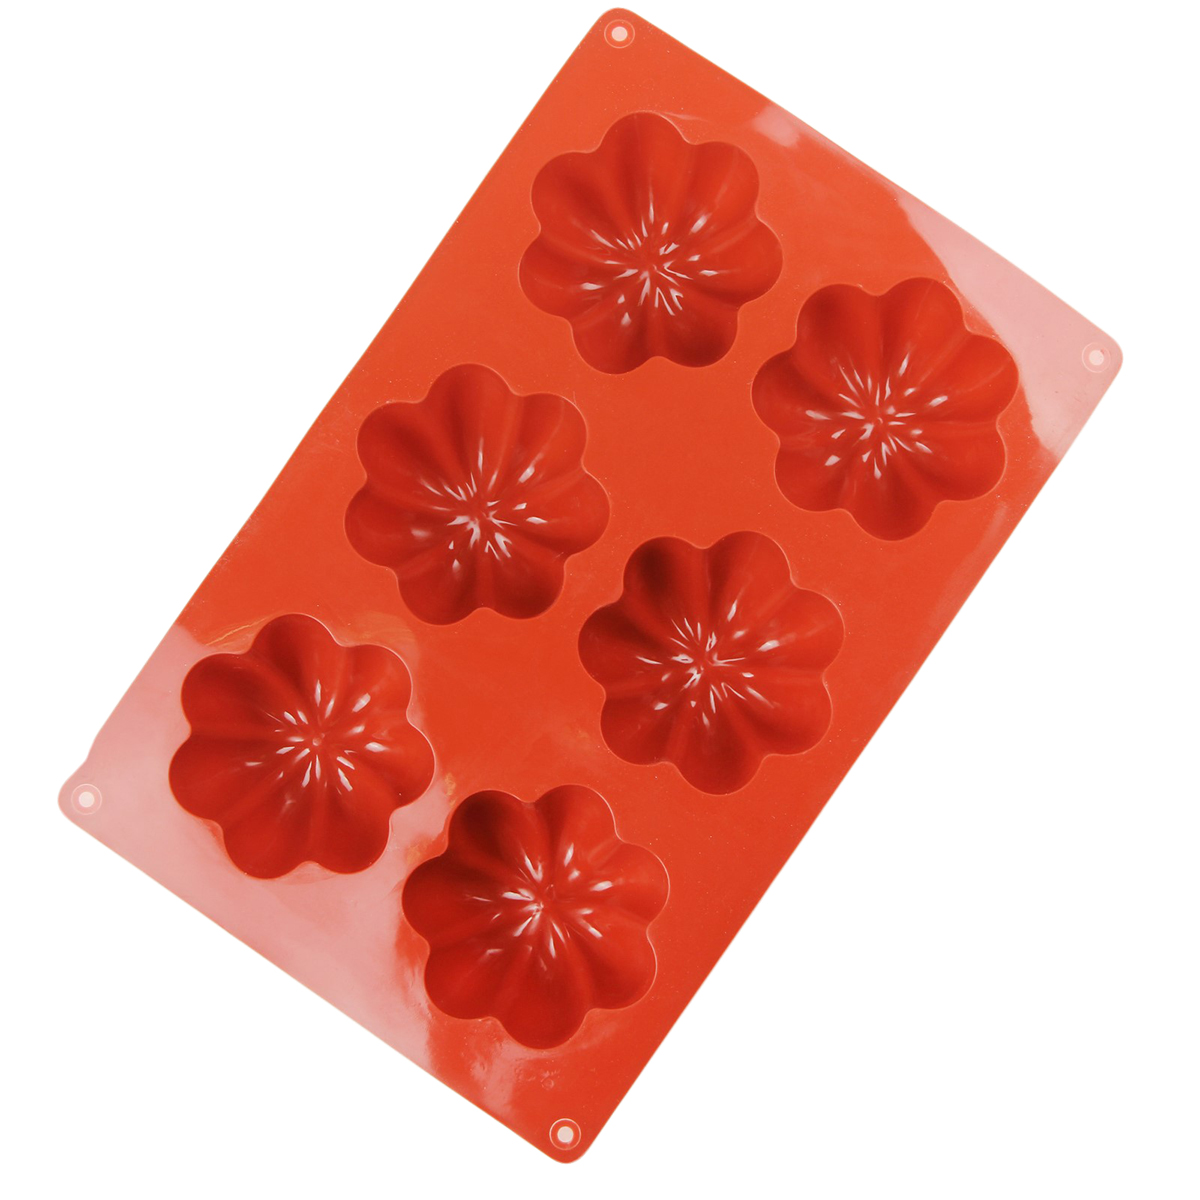 Форма для выпечки Доляна Пудинг, силиконовая, цвет: коричневый, 30 х 17,5 х 3,7 см, 6 ячеек форма для выпечки nadoba mila силиконовая 6 ячеек 29 х 17 х 3 7 см 762017